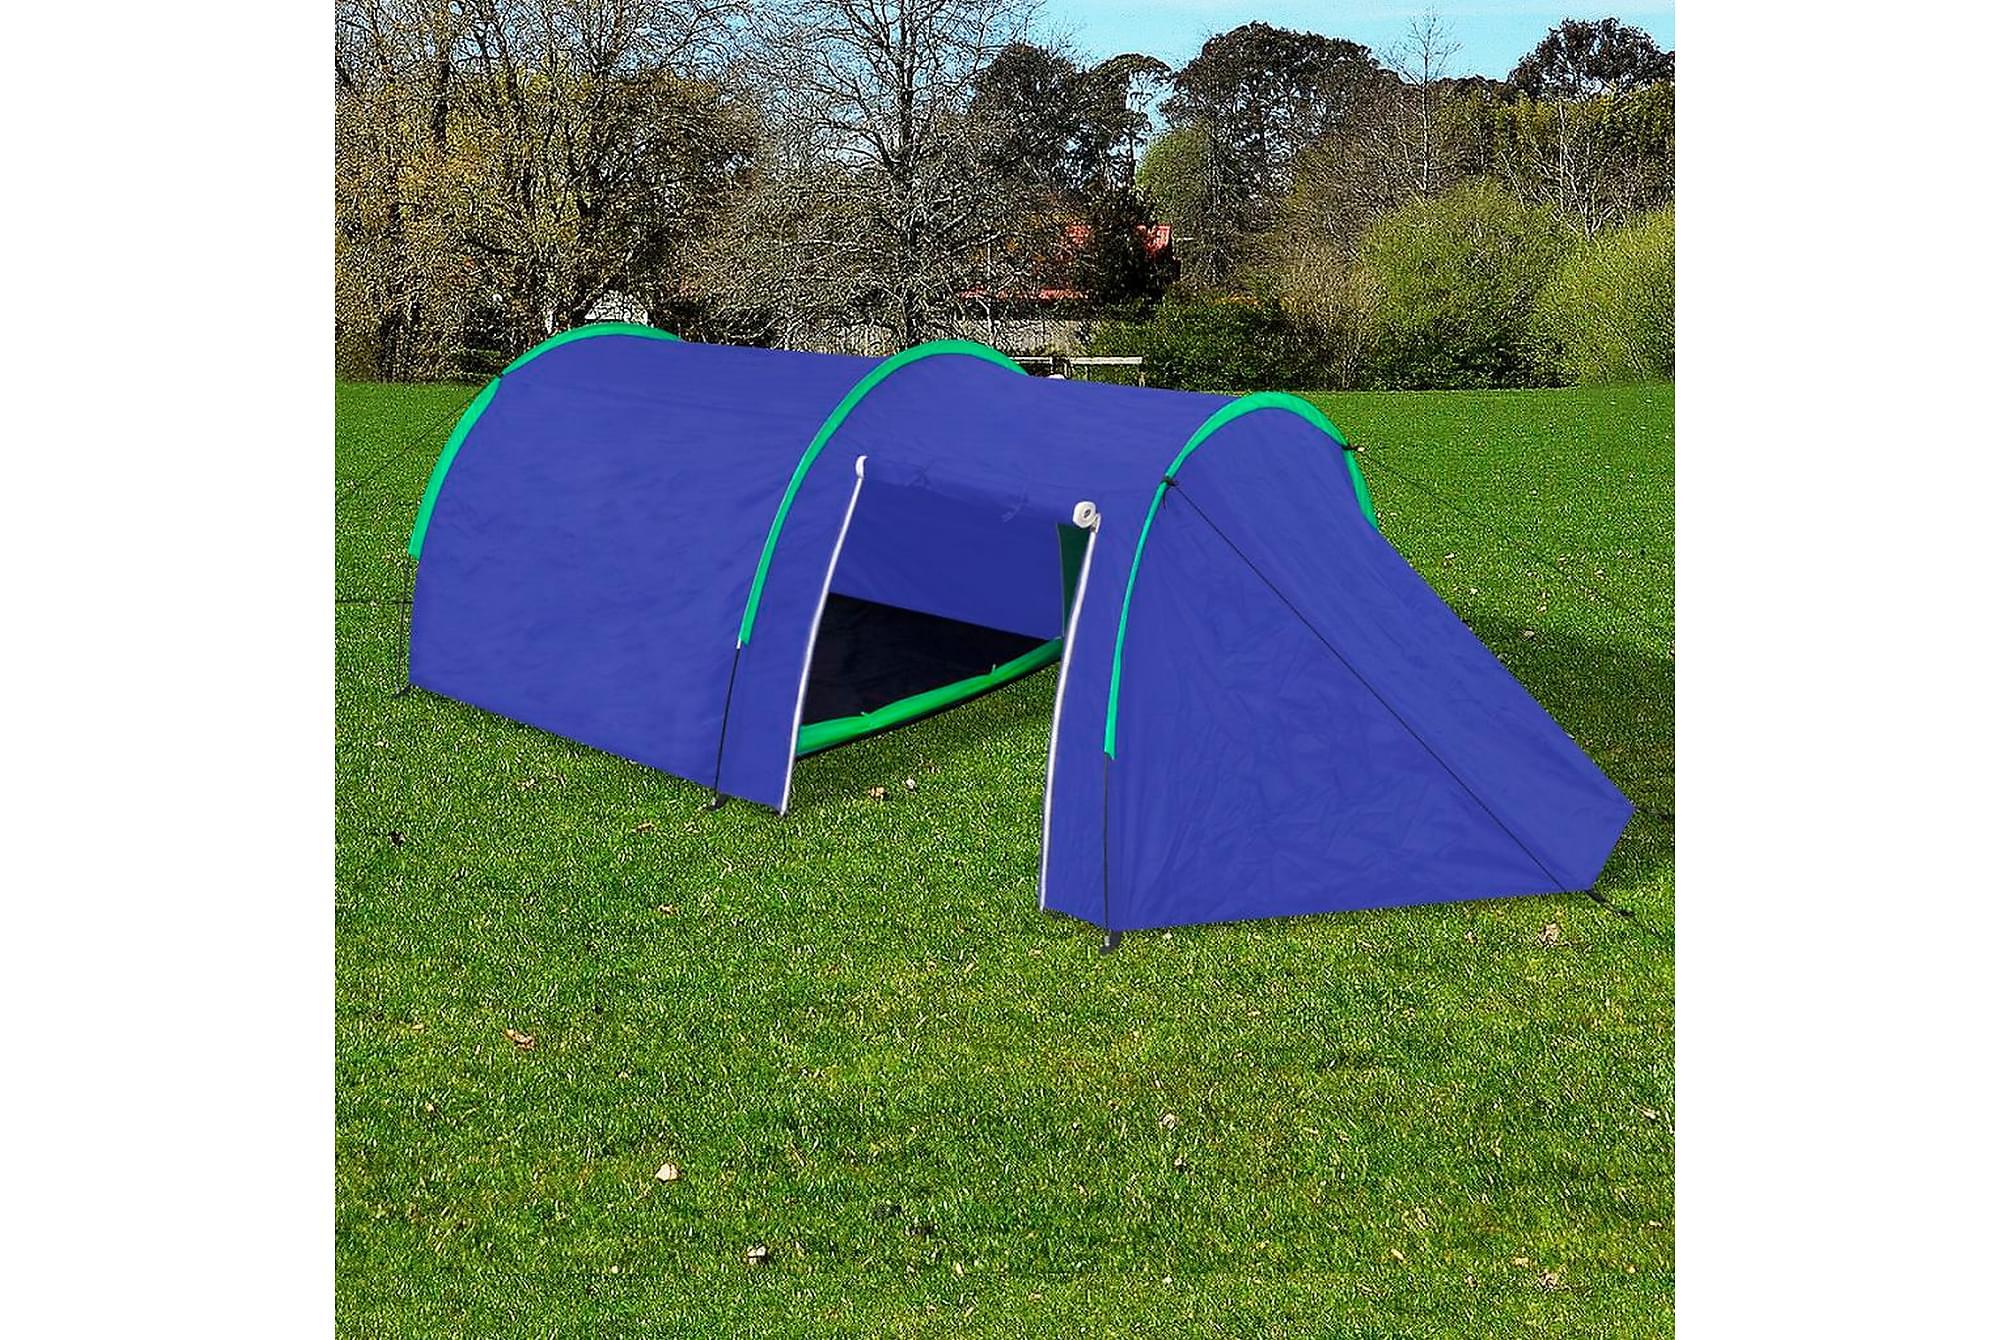 Campingtält 4-personer marinblå, gröna linjer, Partytält